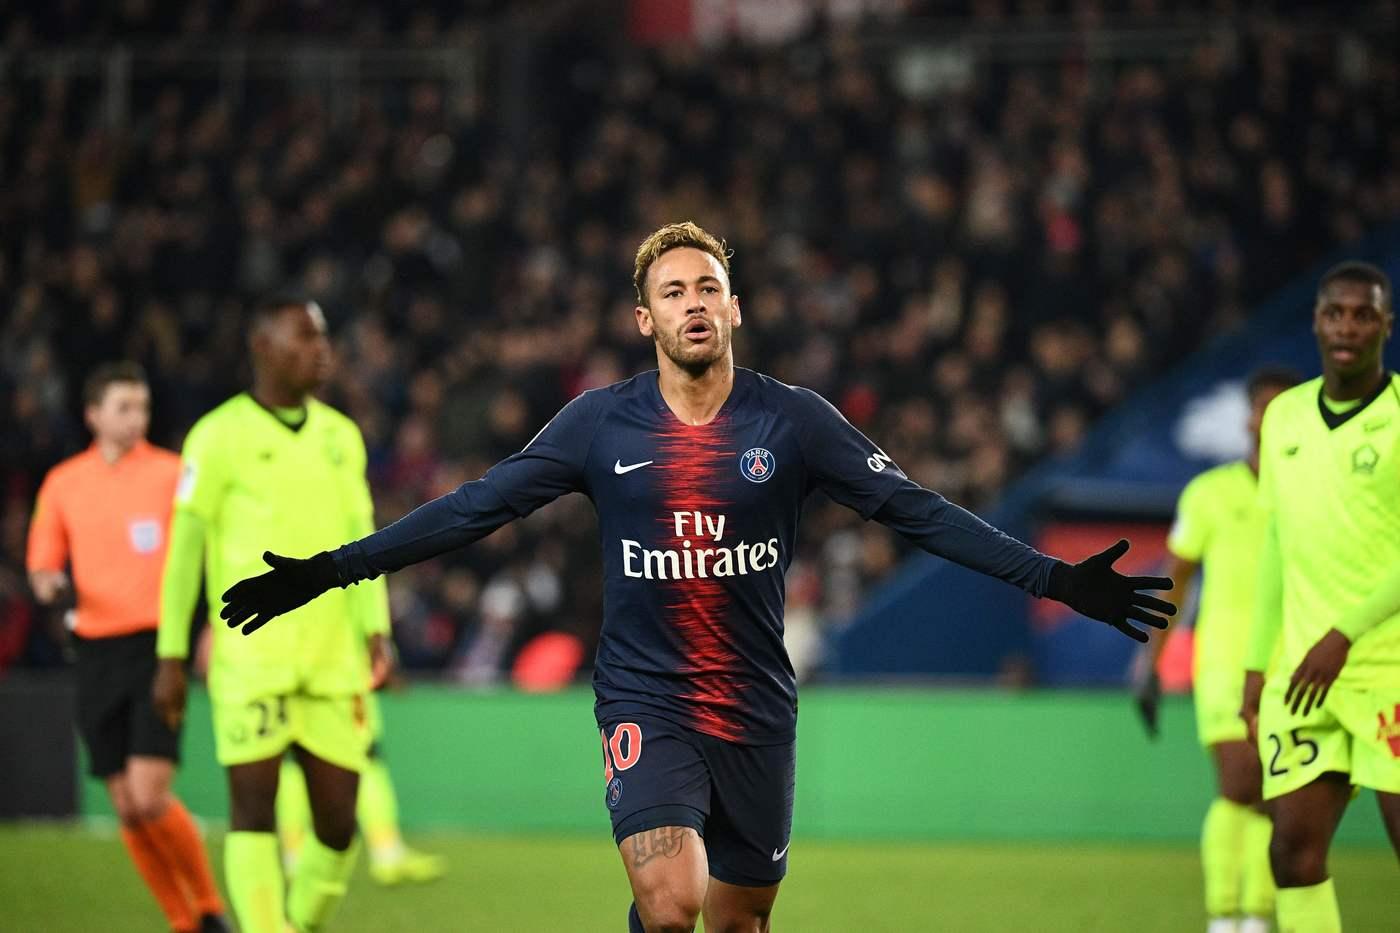 Ligue 1, Paris SG-Dijon 18 maggio: analisi e pronostico della giornata della massima divisione calcistica francese